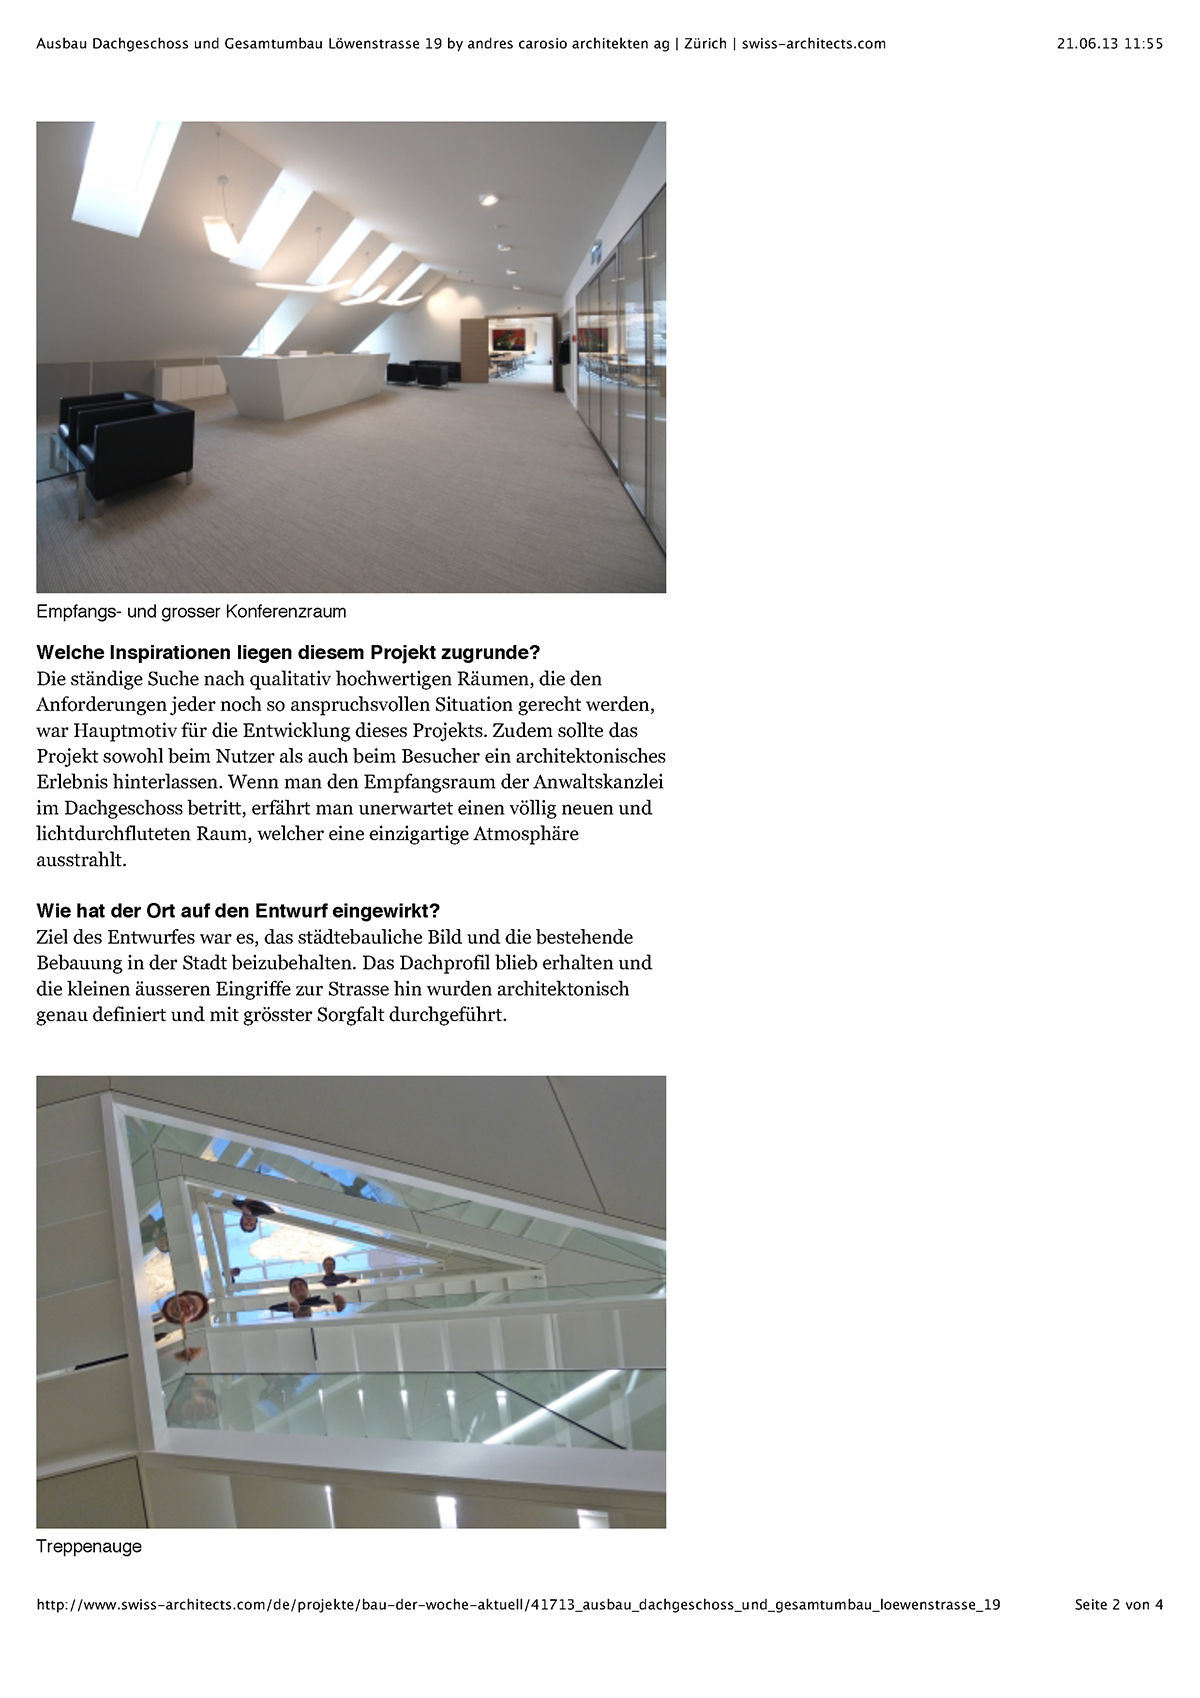 Ausbau-Dachgeschoss-und-Gesamtumbau-Loewenstrasse-19-by-andres-carosio-architekten-ag--Zuerich--swiss-architects.com_Seite_2